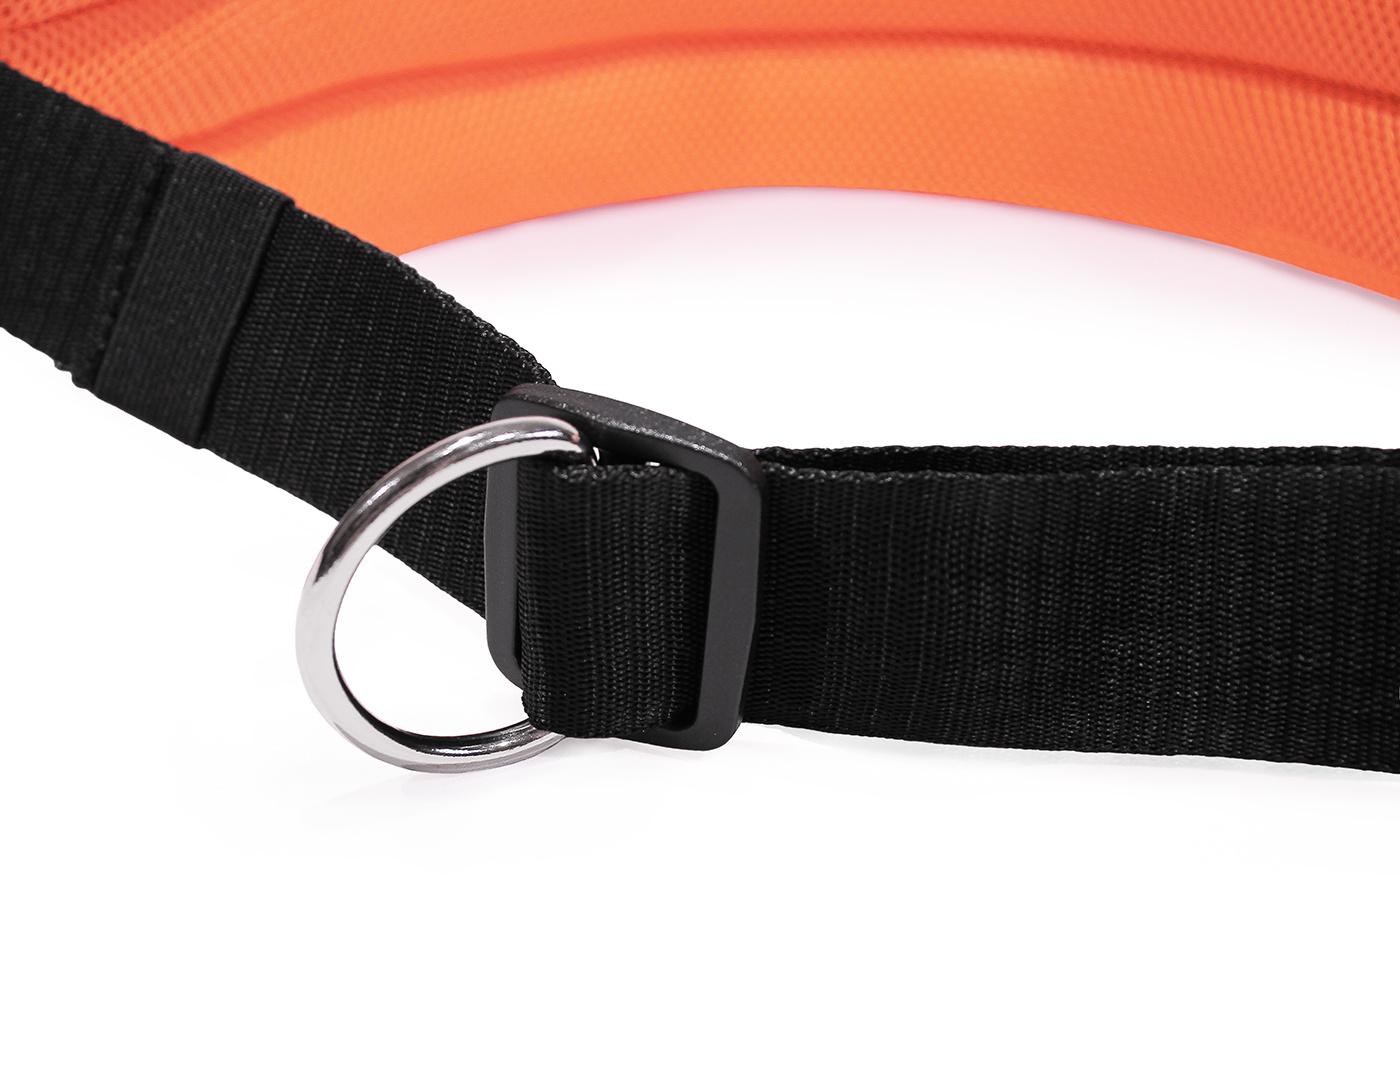 LasaLine Mains-libres chien marchant Courir jogging Ceinture - néon orange Pedding / noir avec réflecteurs